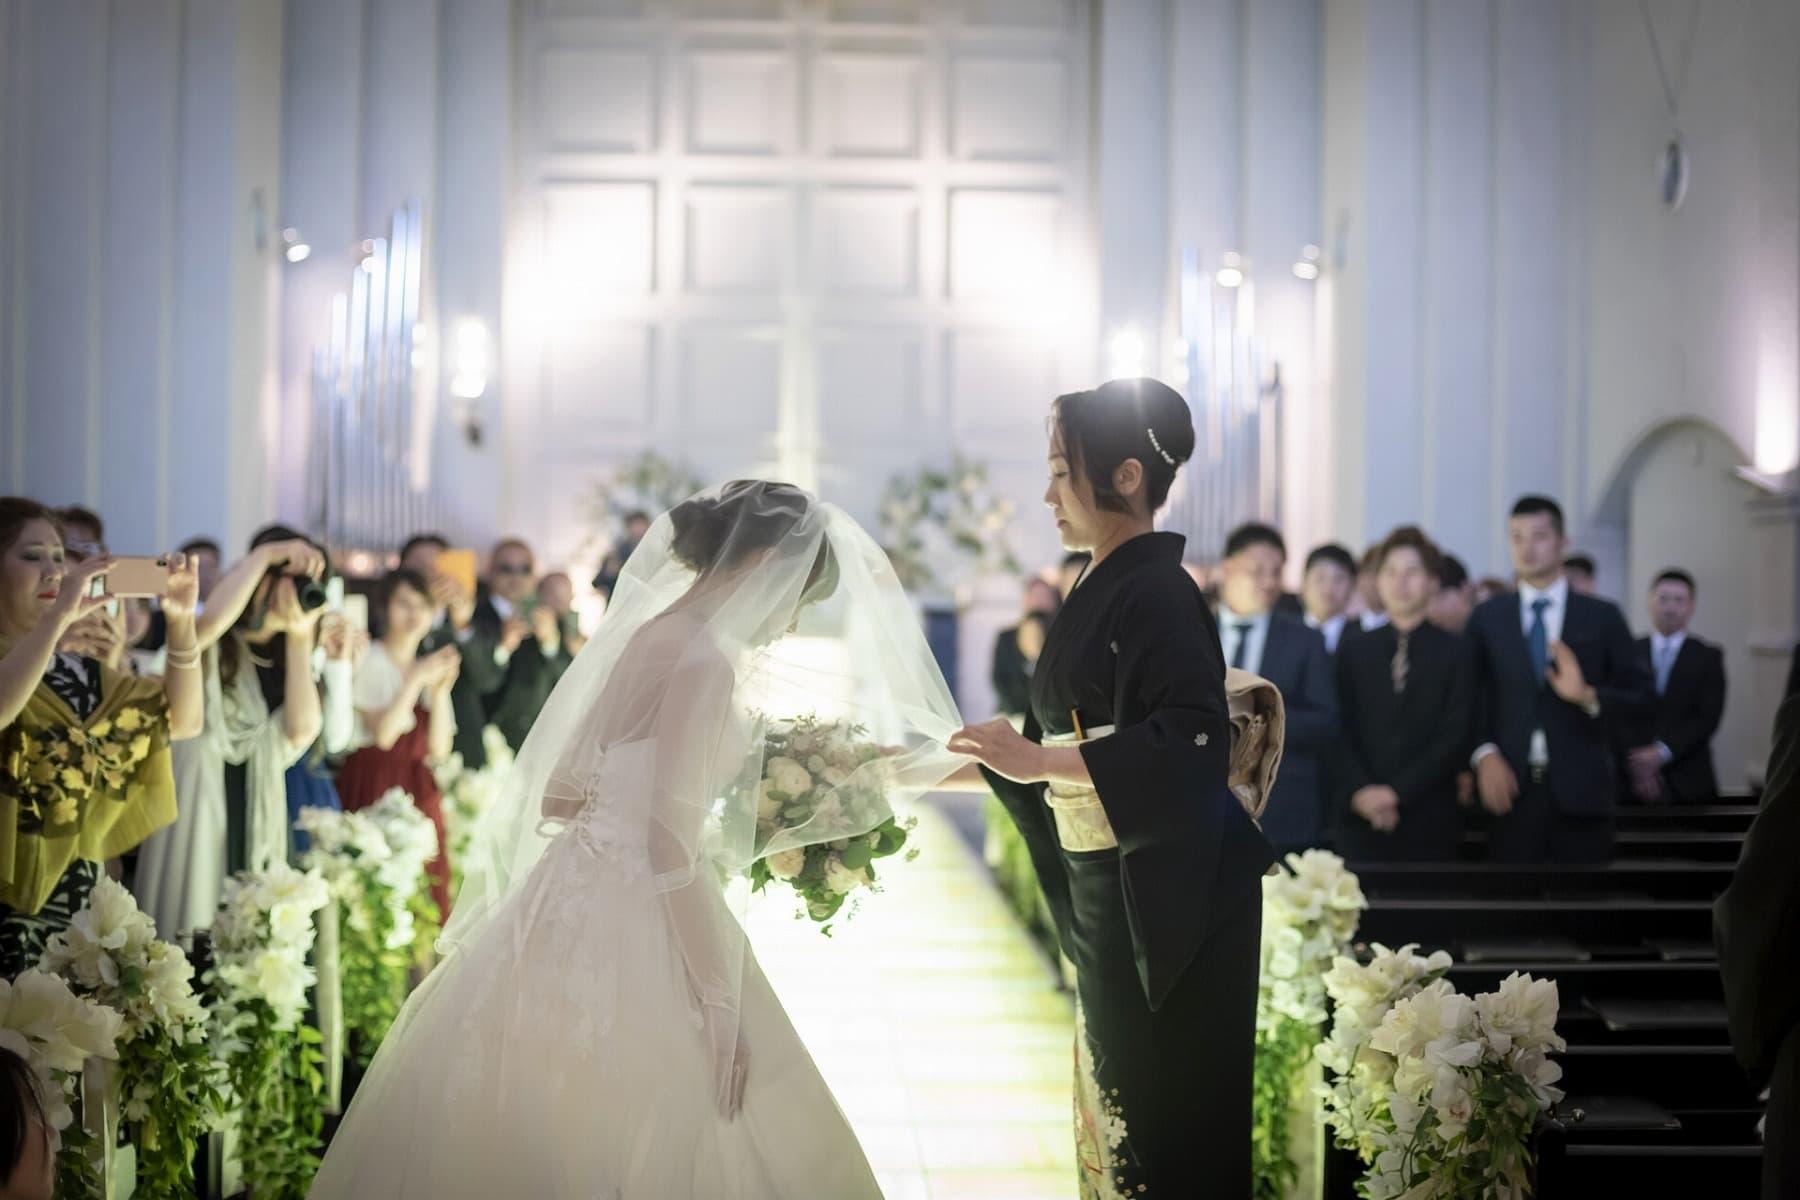 香川の結婚式場シェルエメール&アイスタイル 挙式でのベールダウン